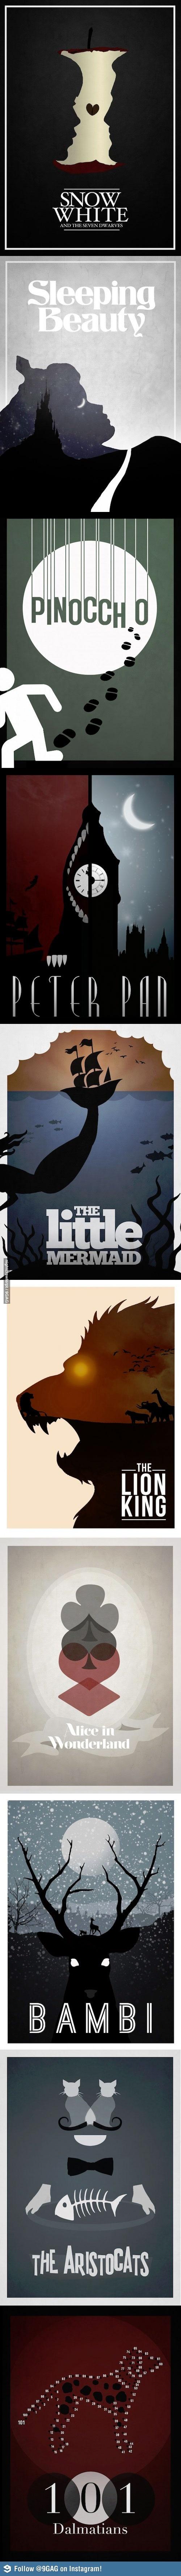 Minimalist Posters Of Disney Films